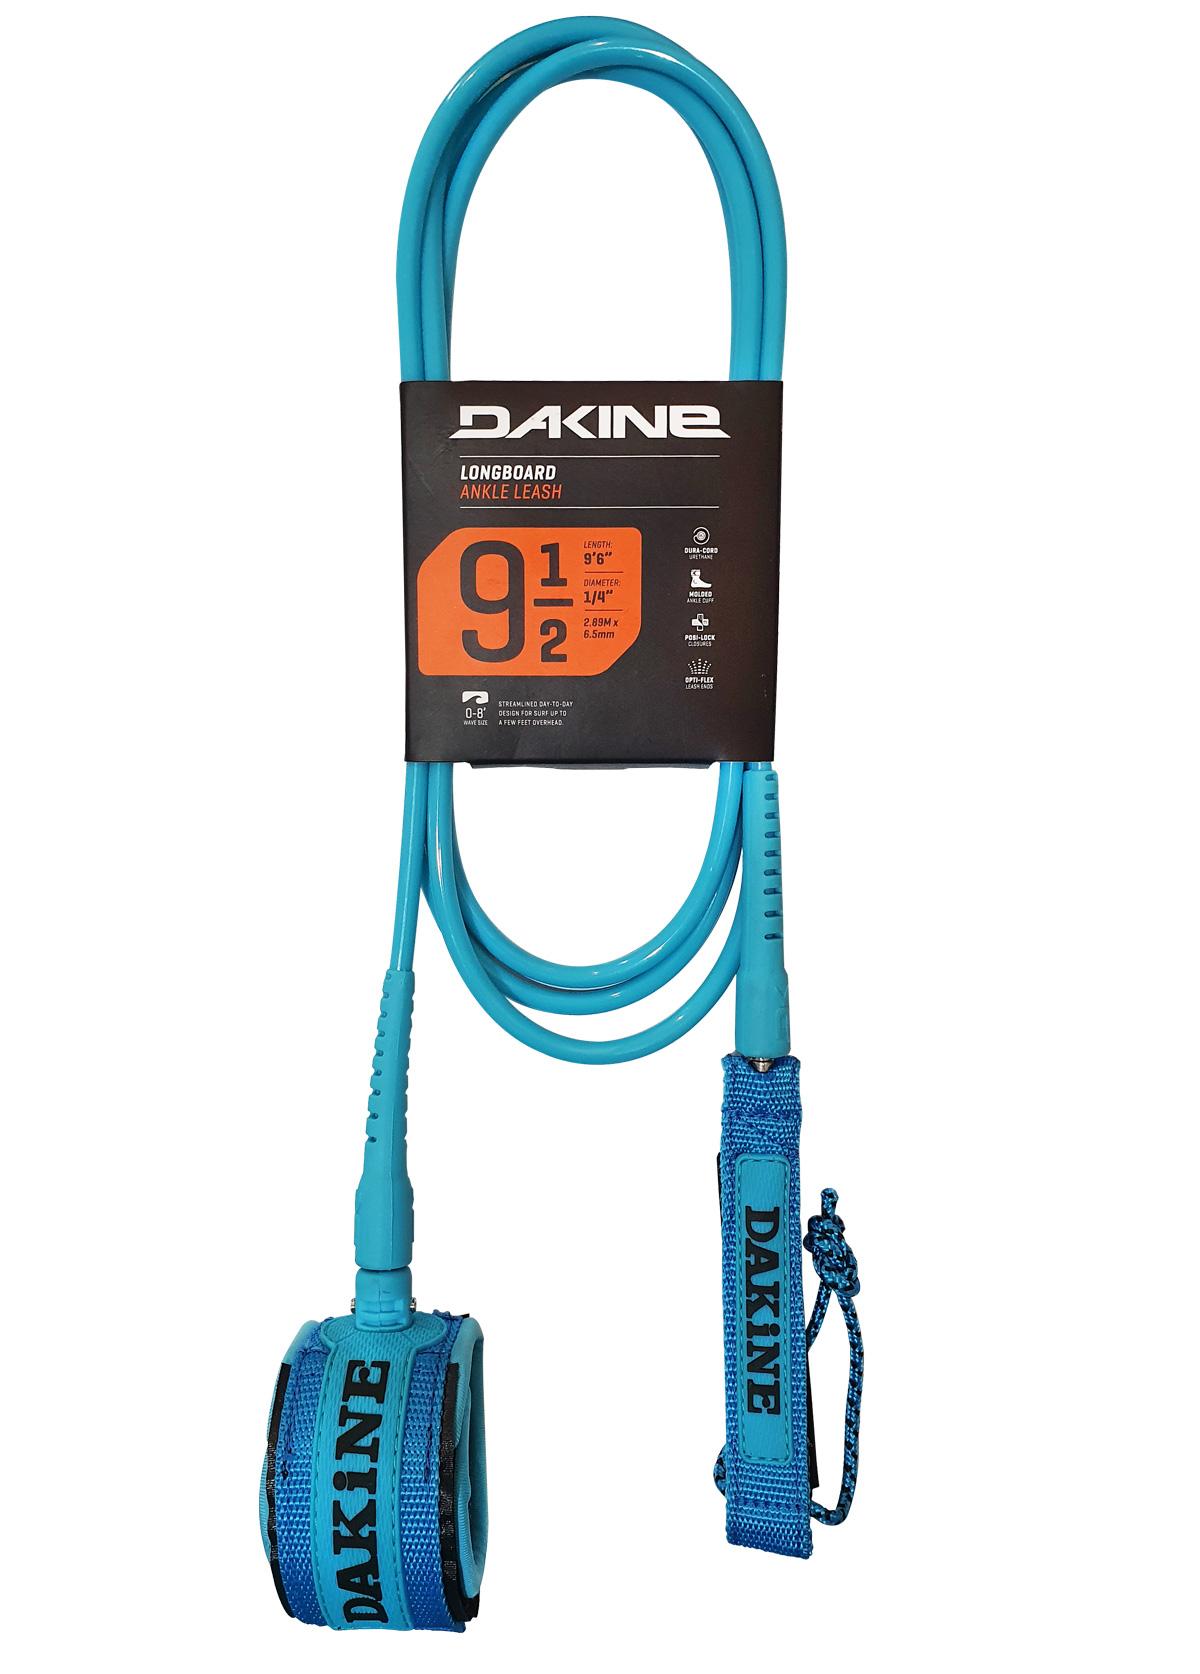 Leash Dakine Long Board Ankle 9'6'' x 6,5mm